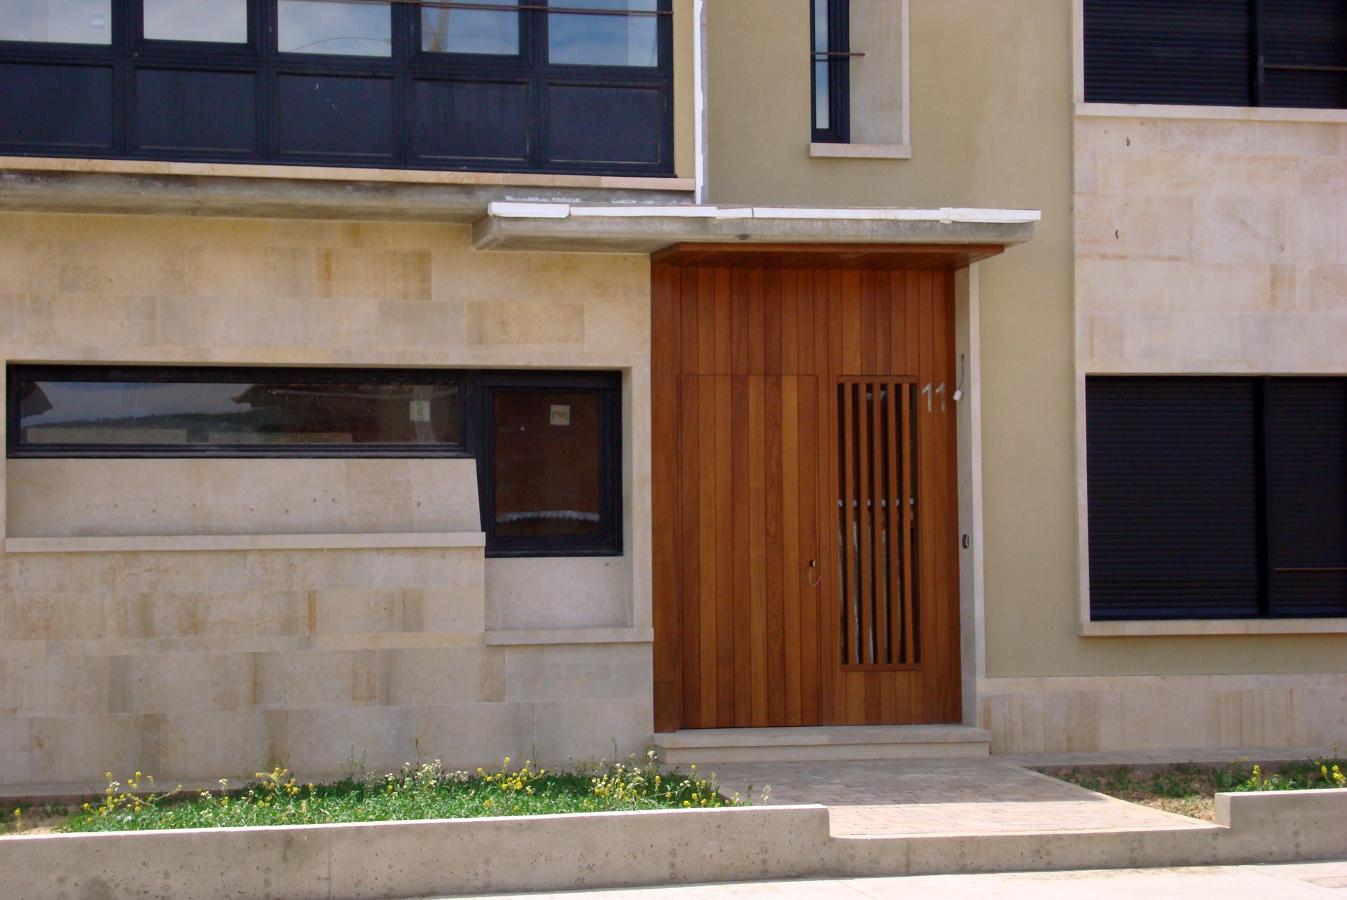 Foto puerta entrada vivienda en madera de carpinter a for Puerta entrada vivienda